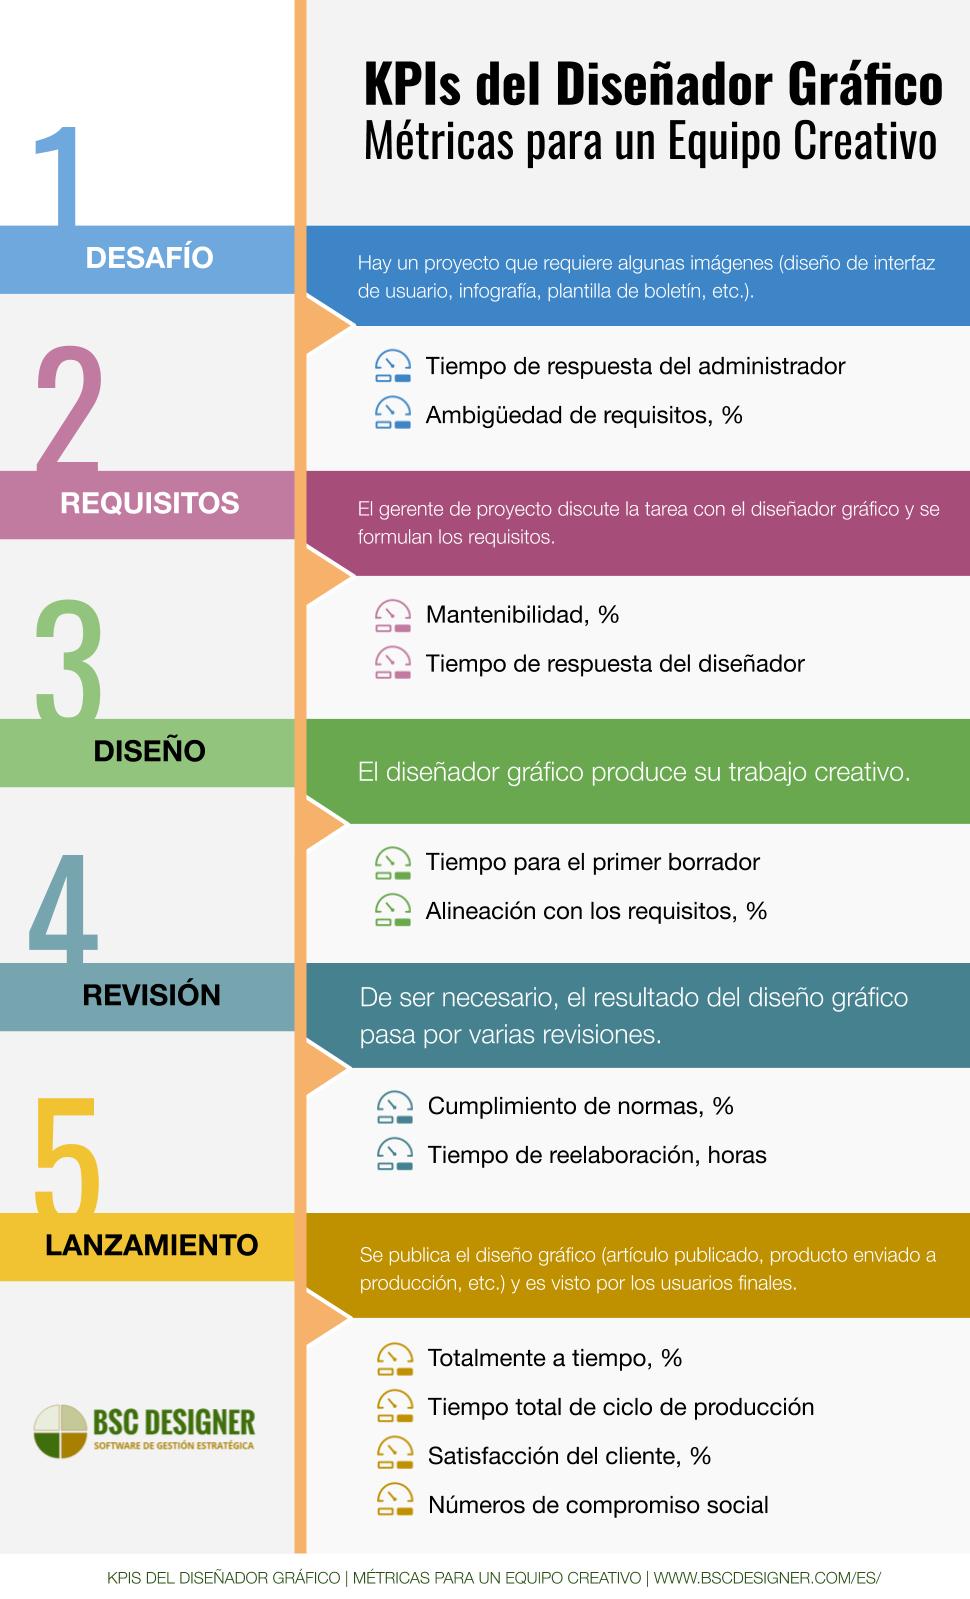 KPIs del diseñador gráfico: cómo medir el proceso creativo.